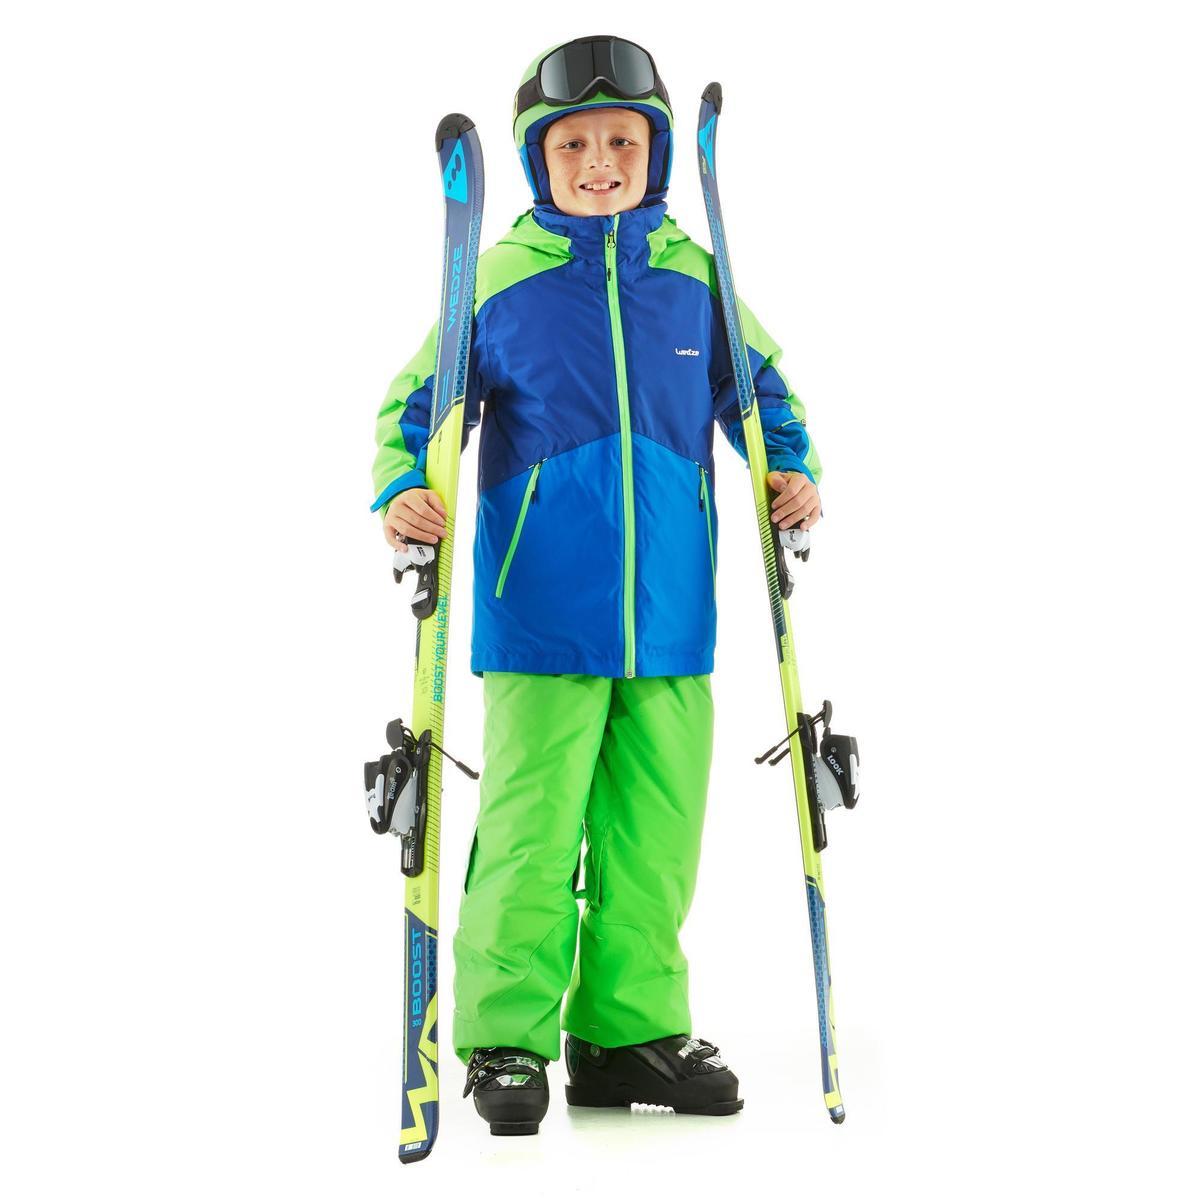 Bild 2 von Skijacke 580 Kinder blau/grün